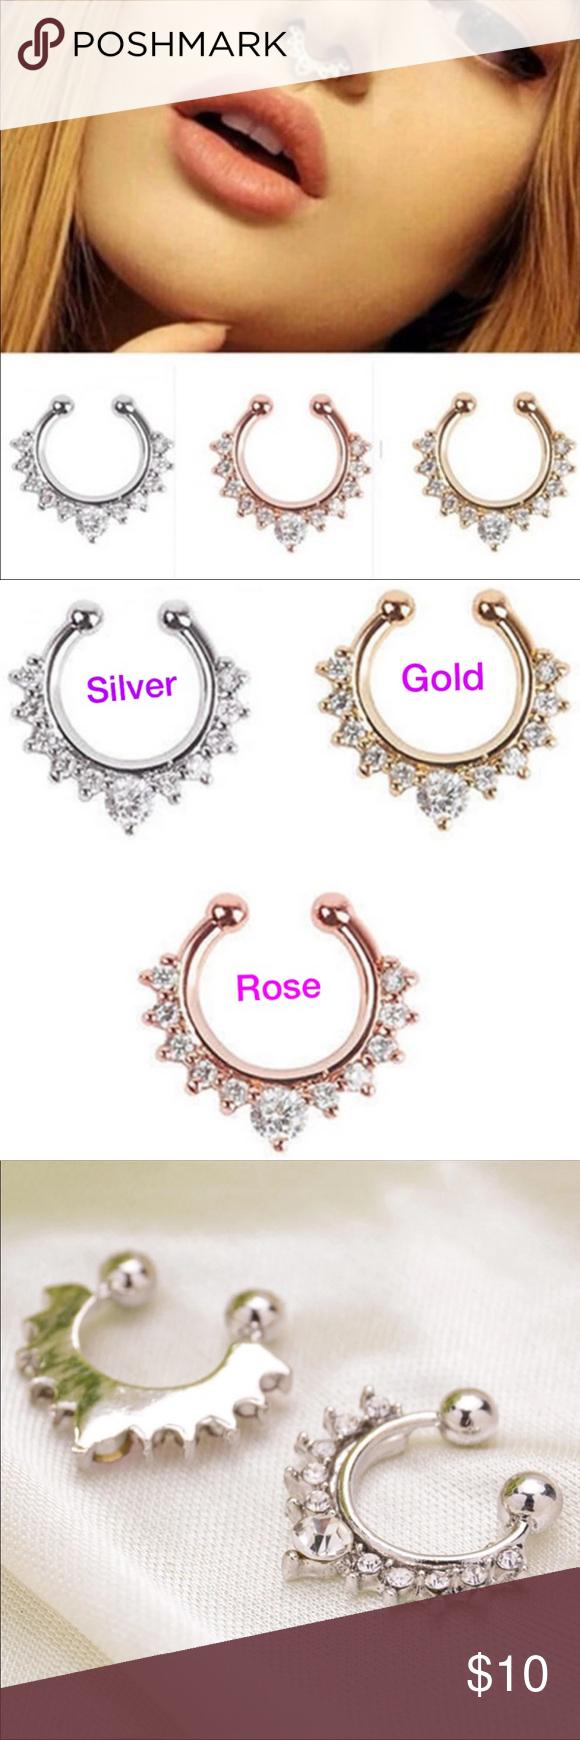 Fake piercing nose ring   Fake Nose Piercing nose ring rose gold silv Boutique